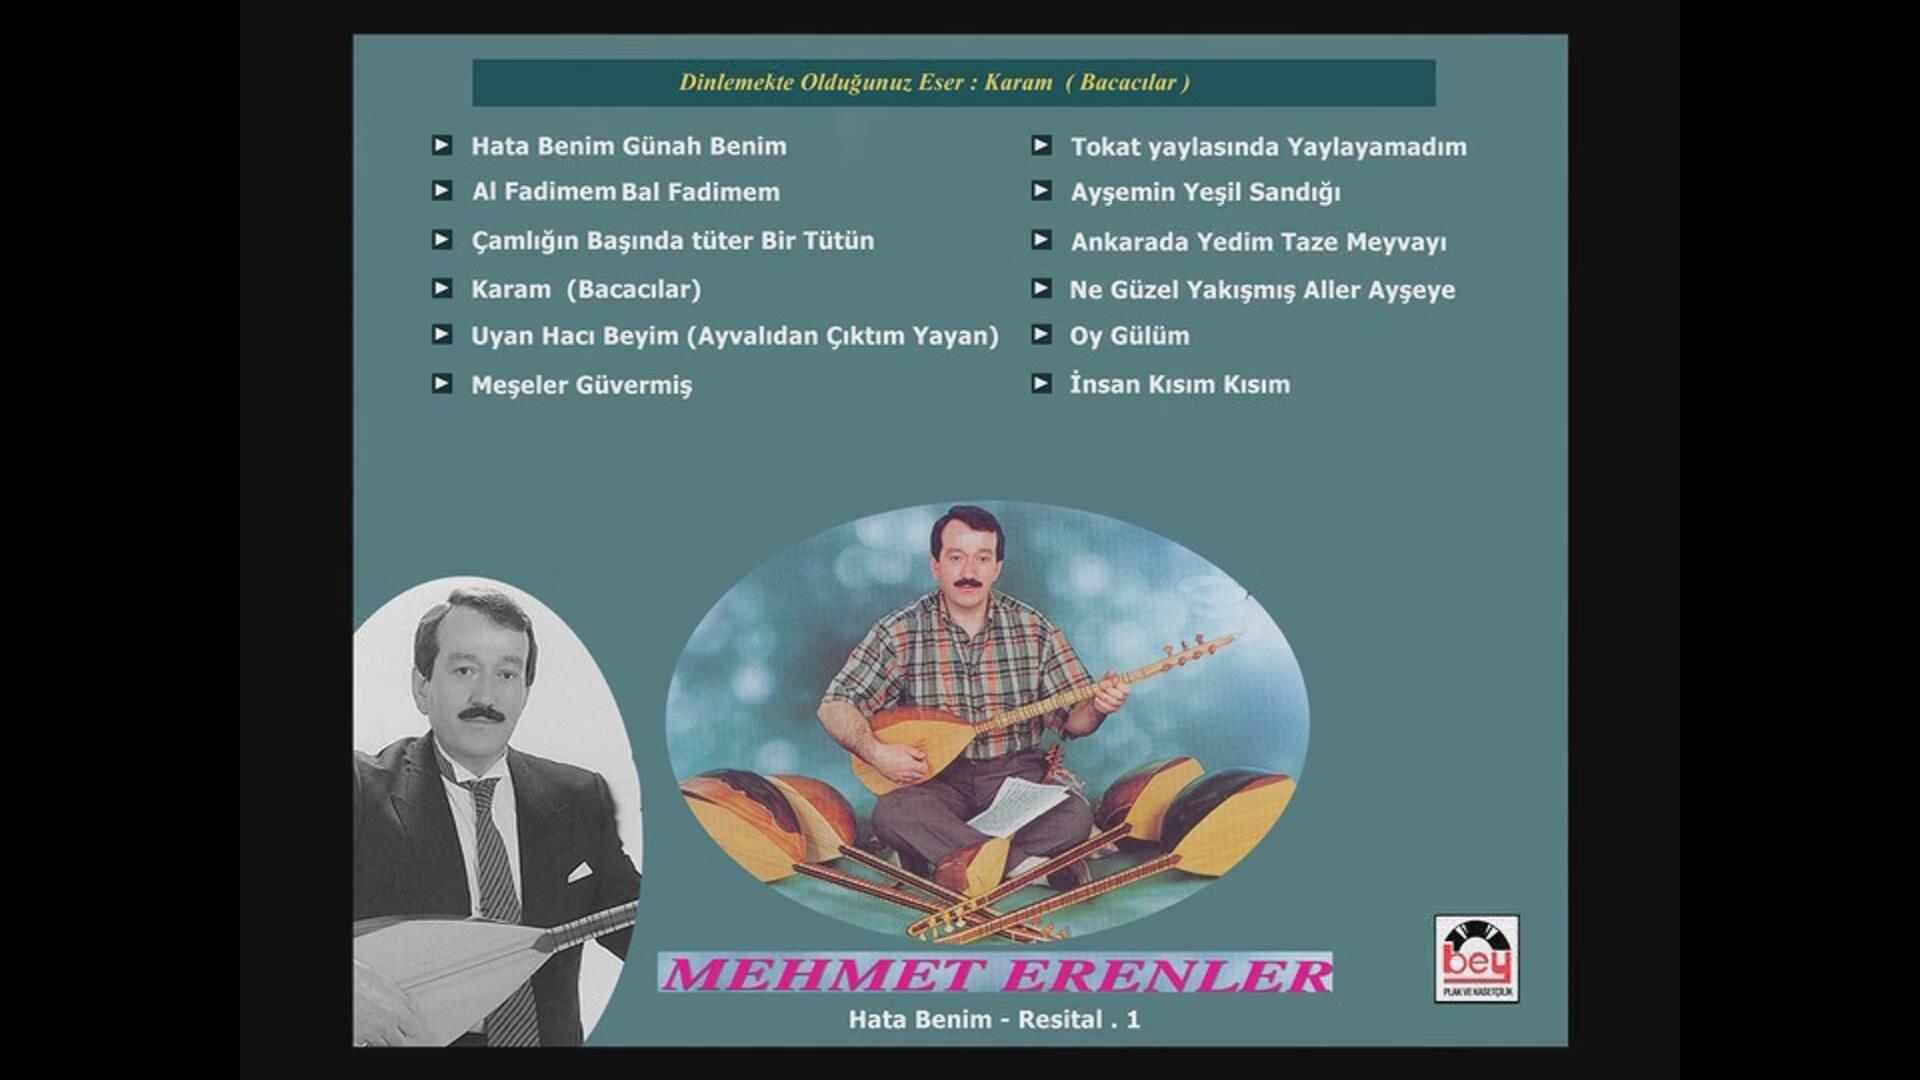 Mehmet Erenler Şarkıları